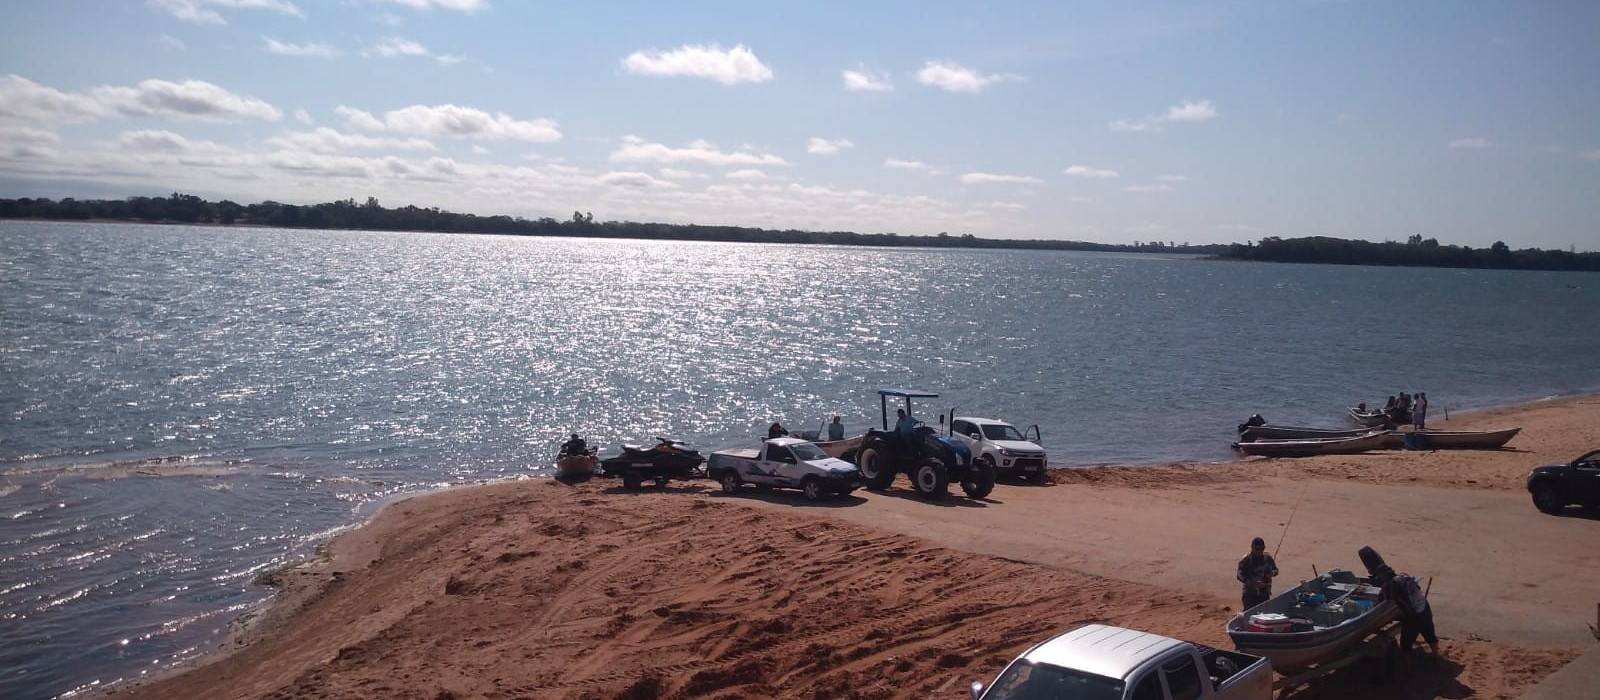 Queda nos níveis do Rio Paraná está se tornando frequente, mas não é normal